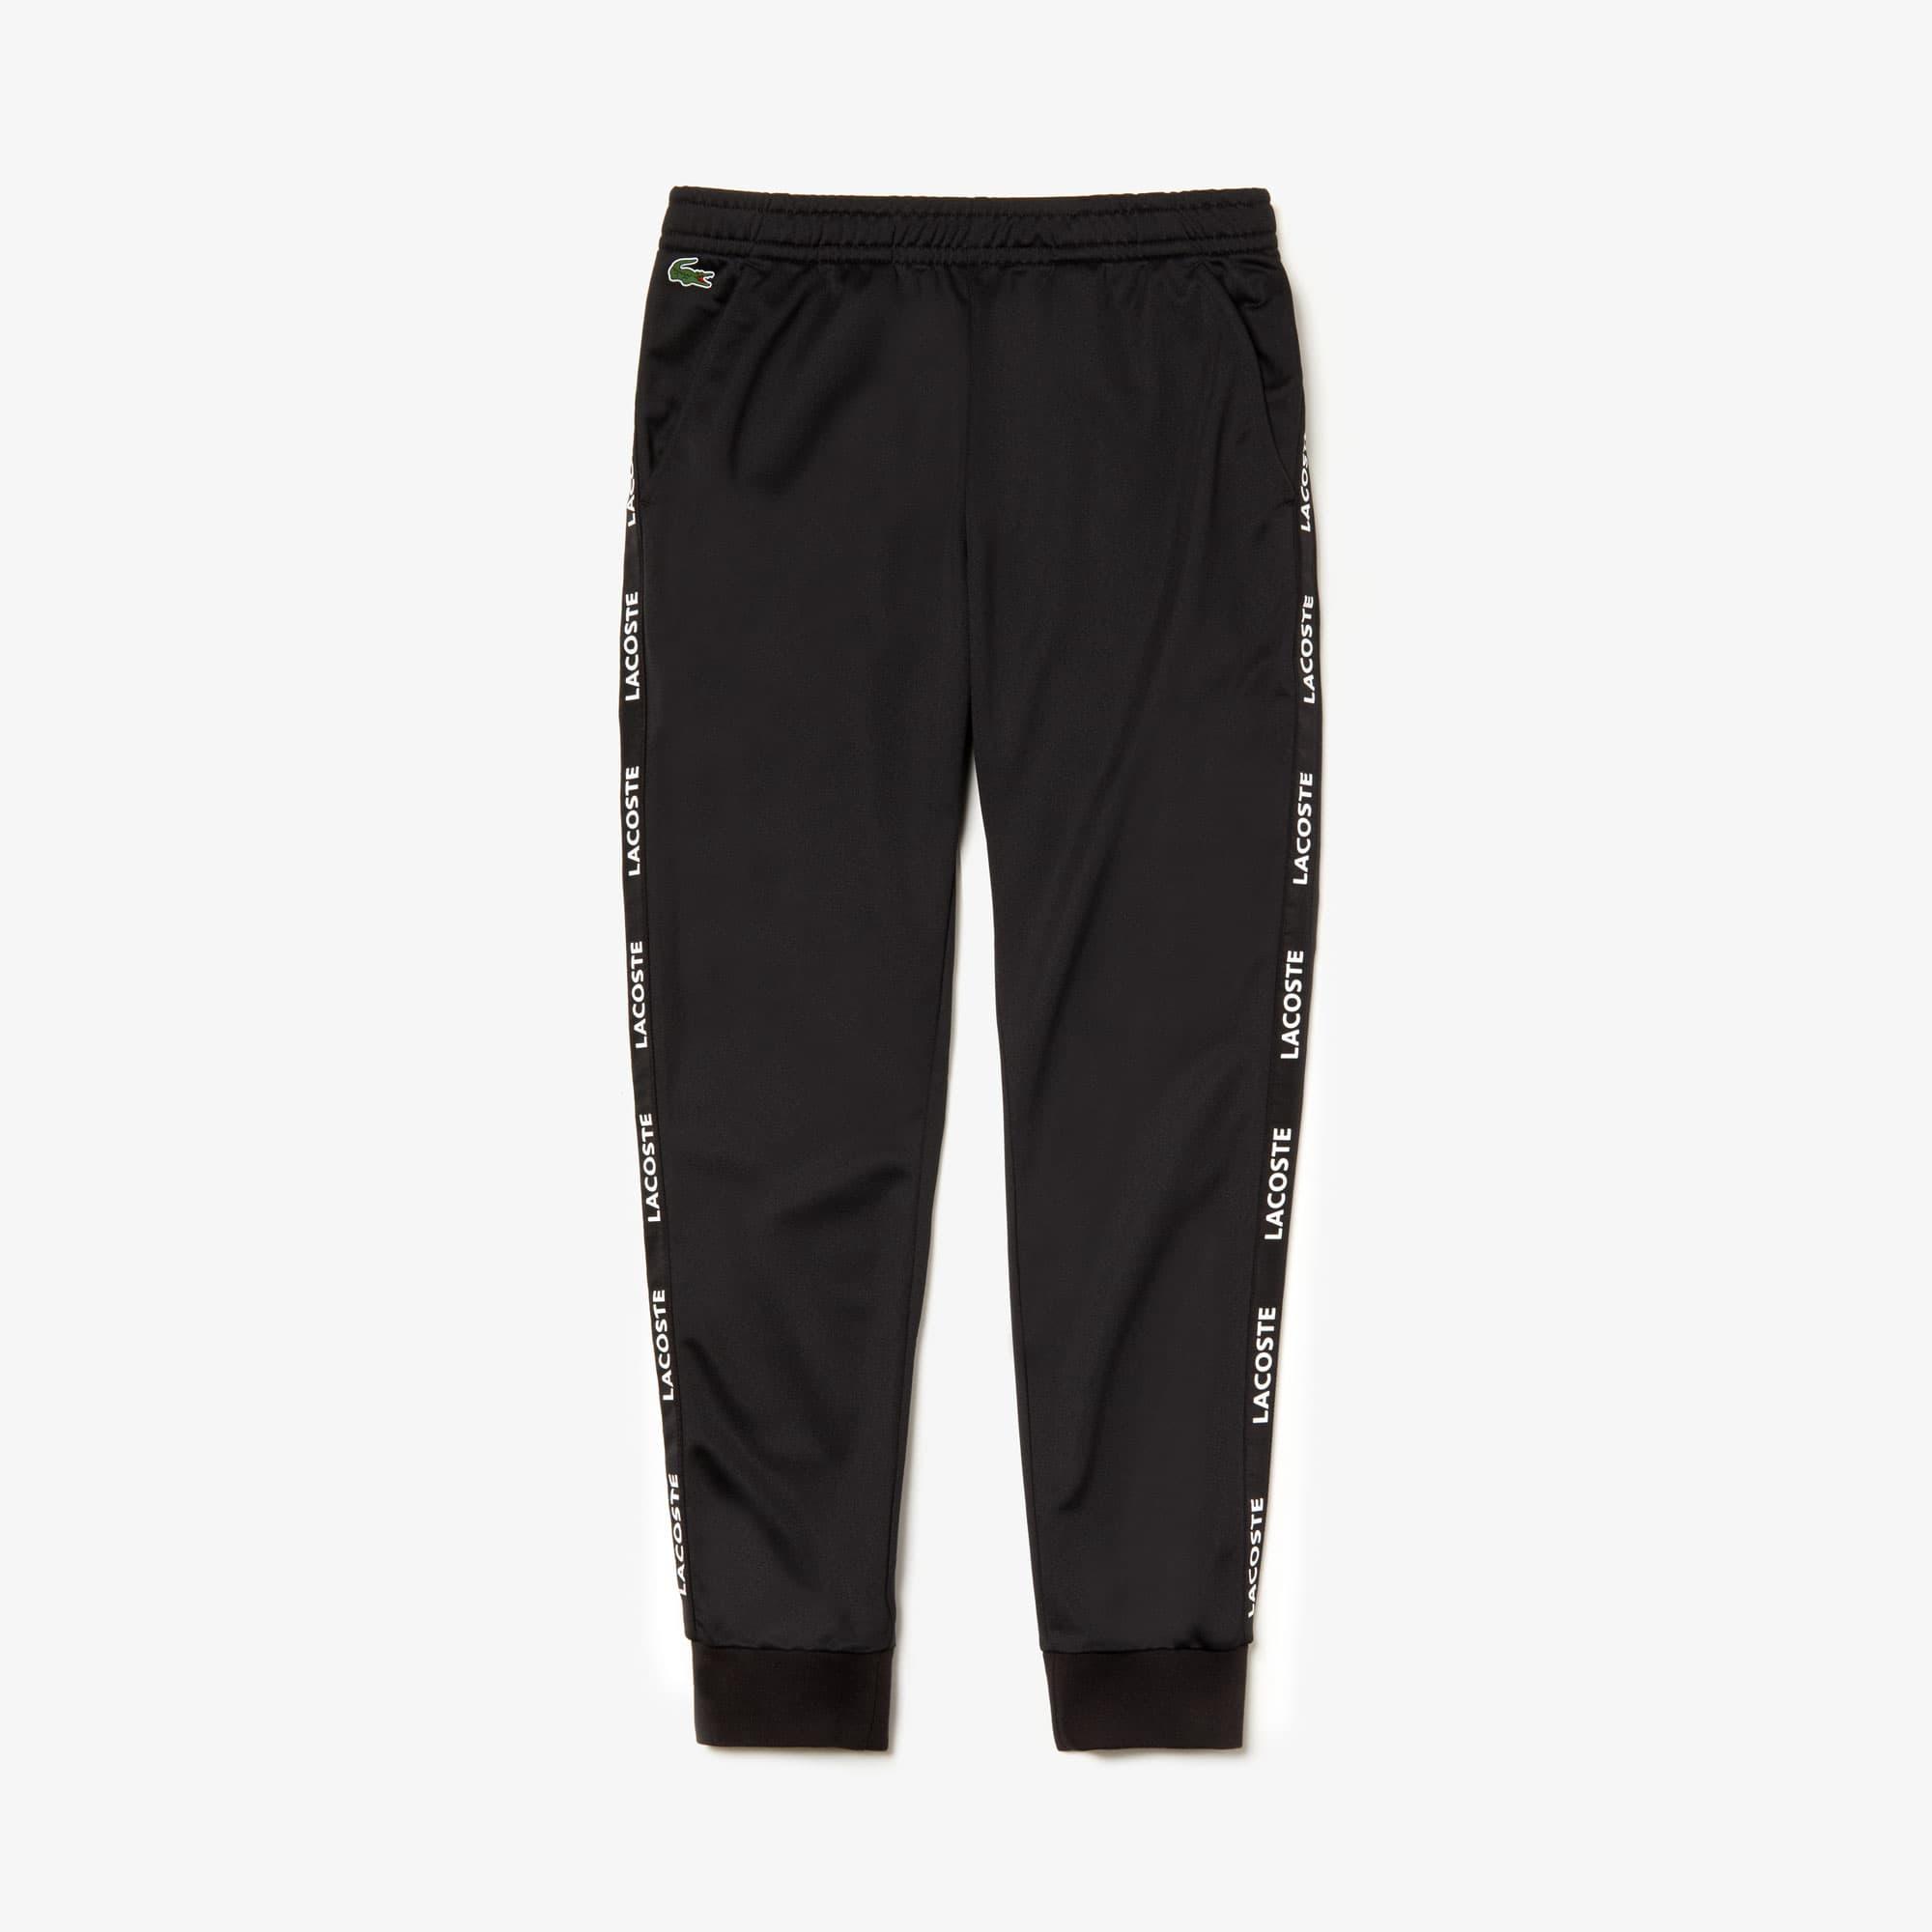 Lacoste Pants Men's SPORT Signature Bands Piqué Track Pants